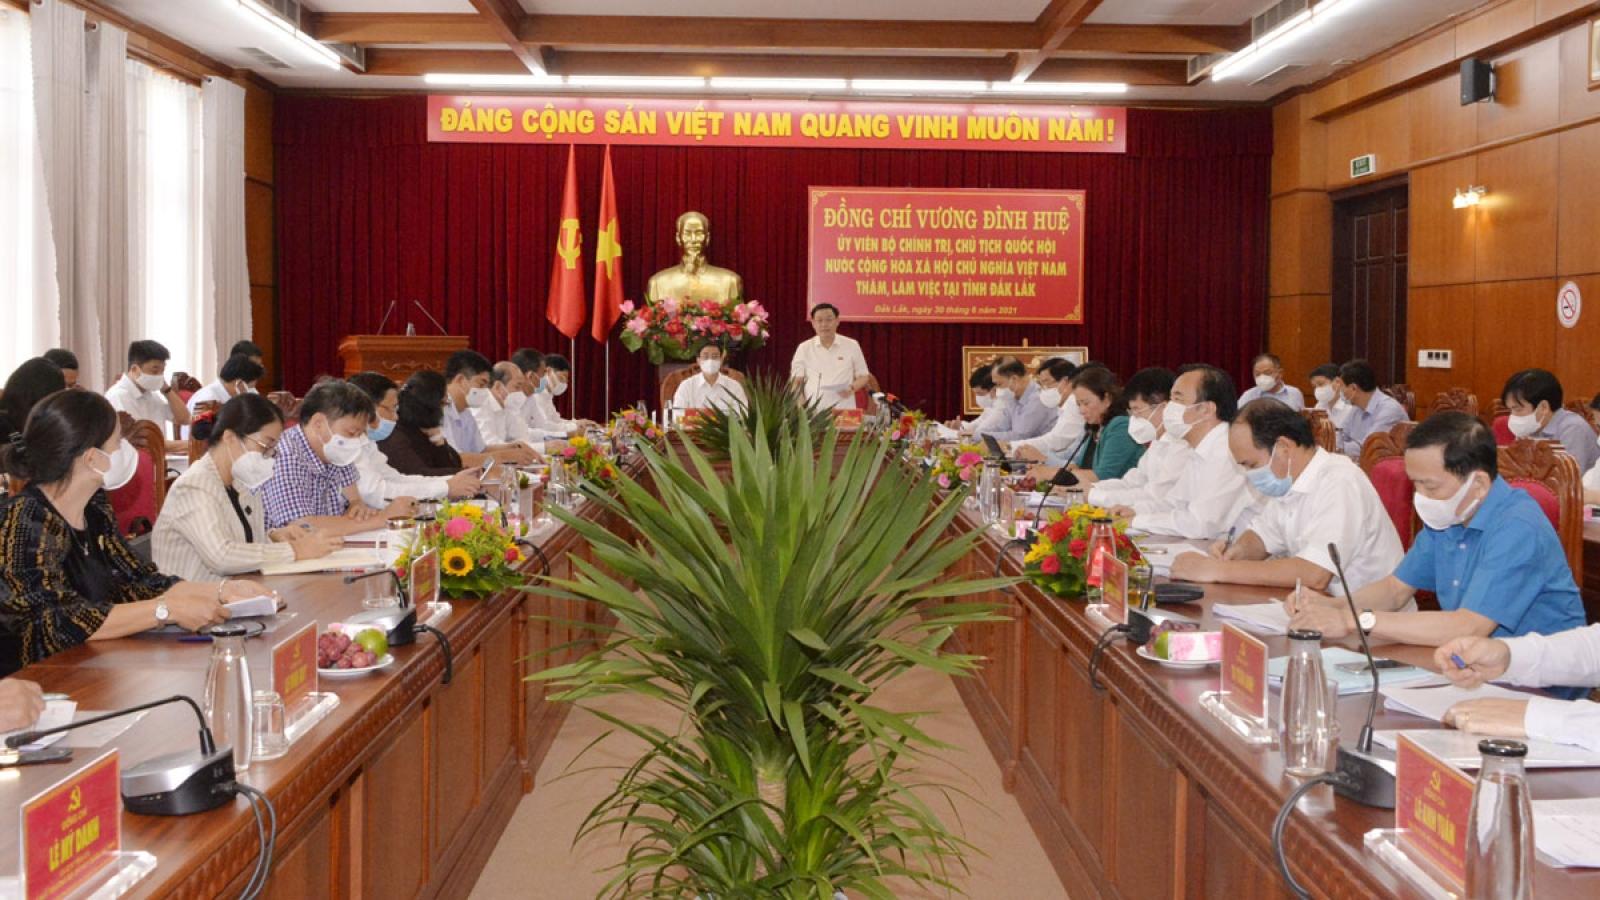 Chủ tịch Quốc hội đề nghị Đắk Lắk quan tâm an ninh, trật tự an toàn xã hội